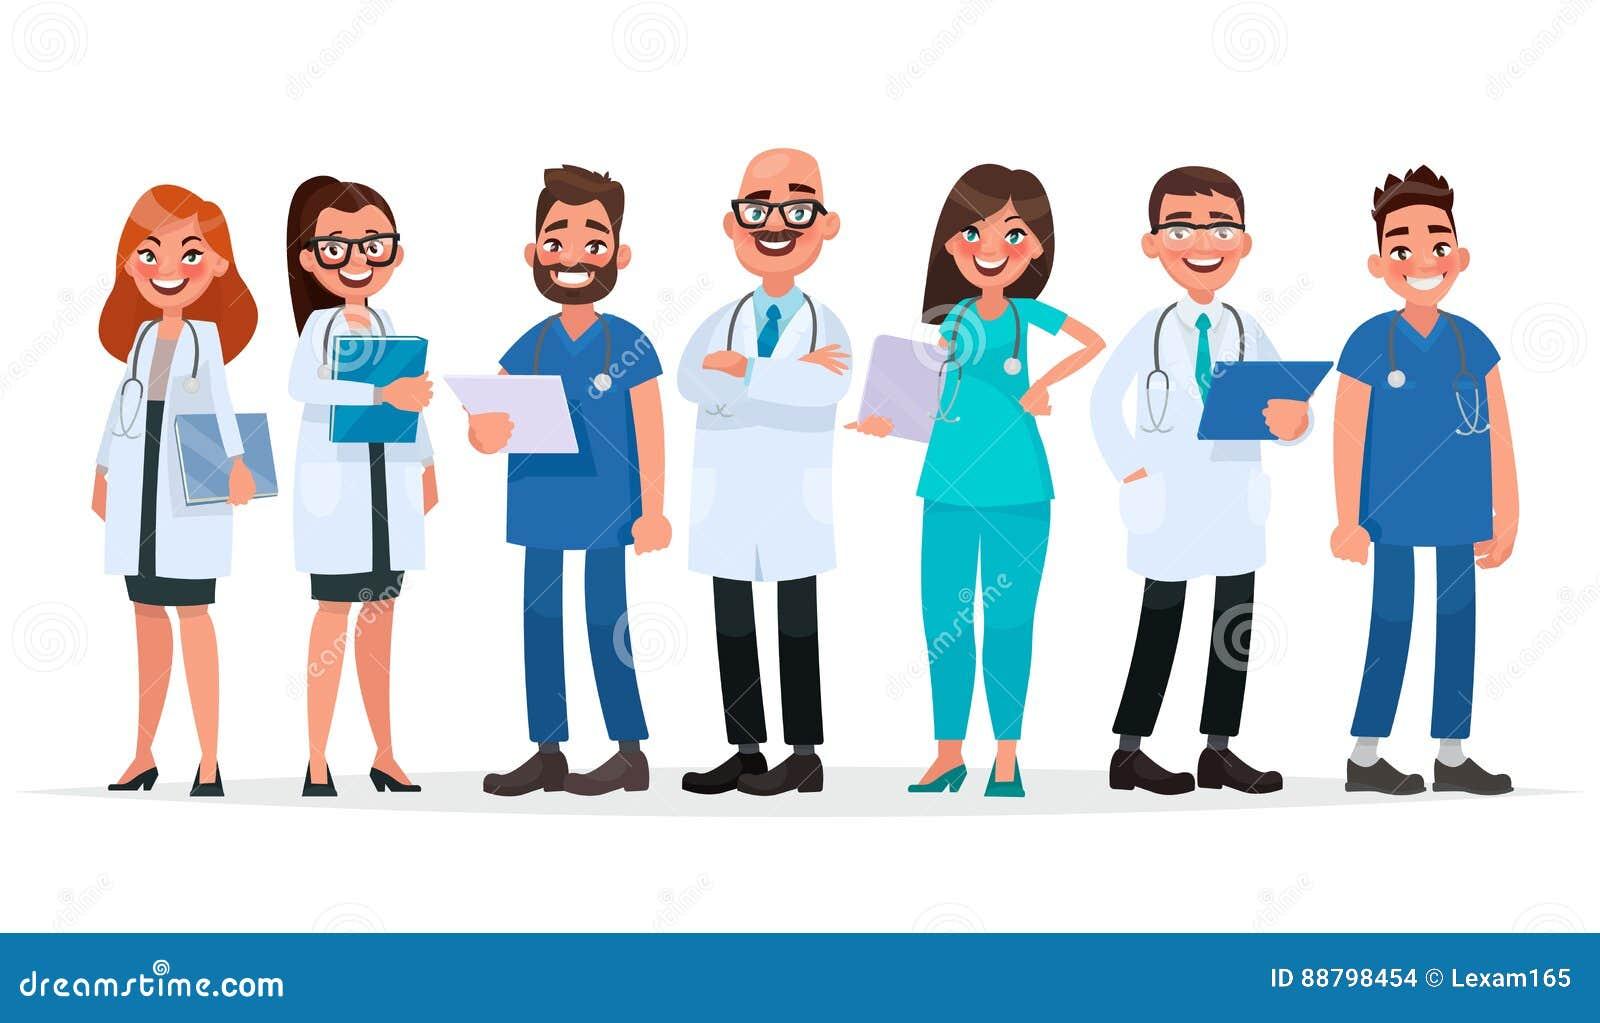 Doktoren Team von medizinischen Arbeitskräften auf einem weißen Hintergrund Krankenhaus